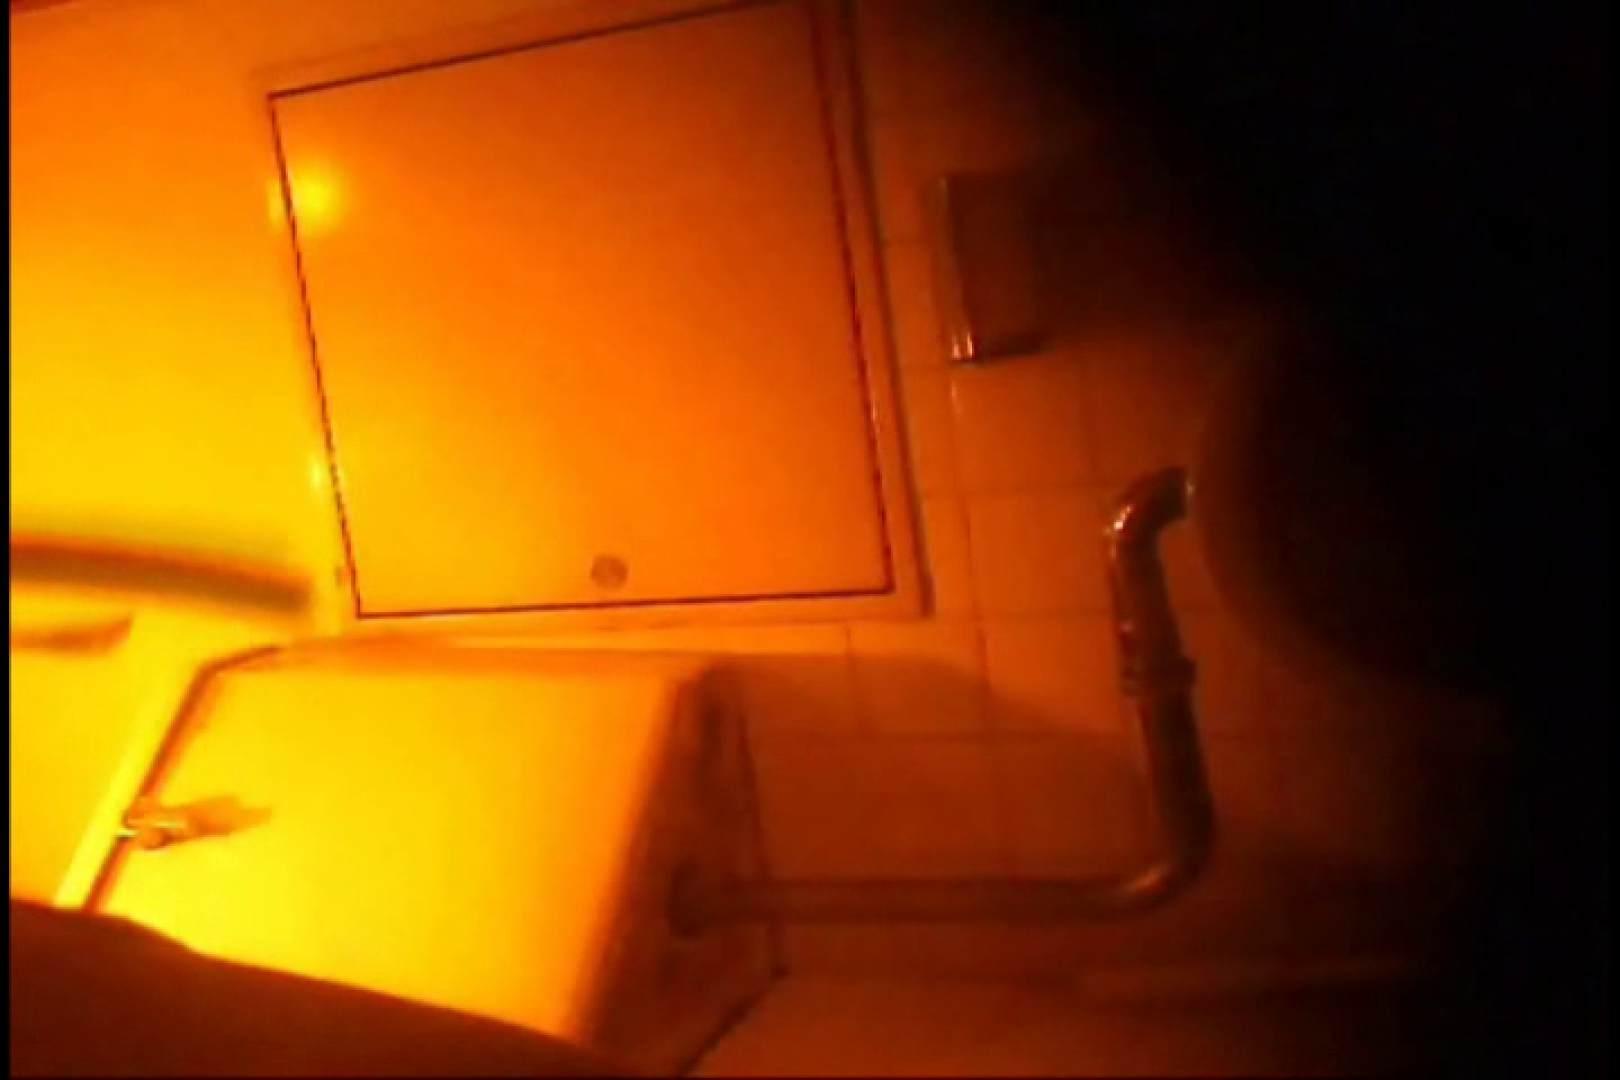 亀さんかわや VIP和式2カメバージョン! vol.04 いやらしいOL われめAV動画紹介 92連発 16